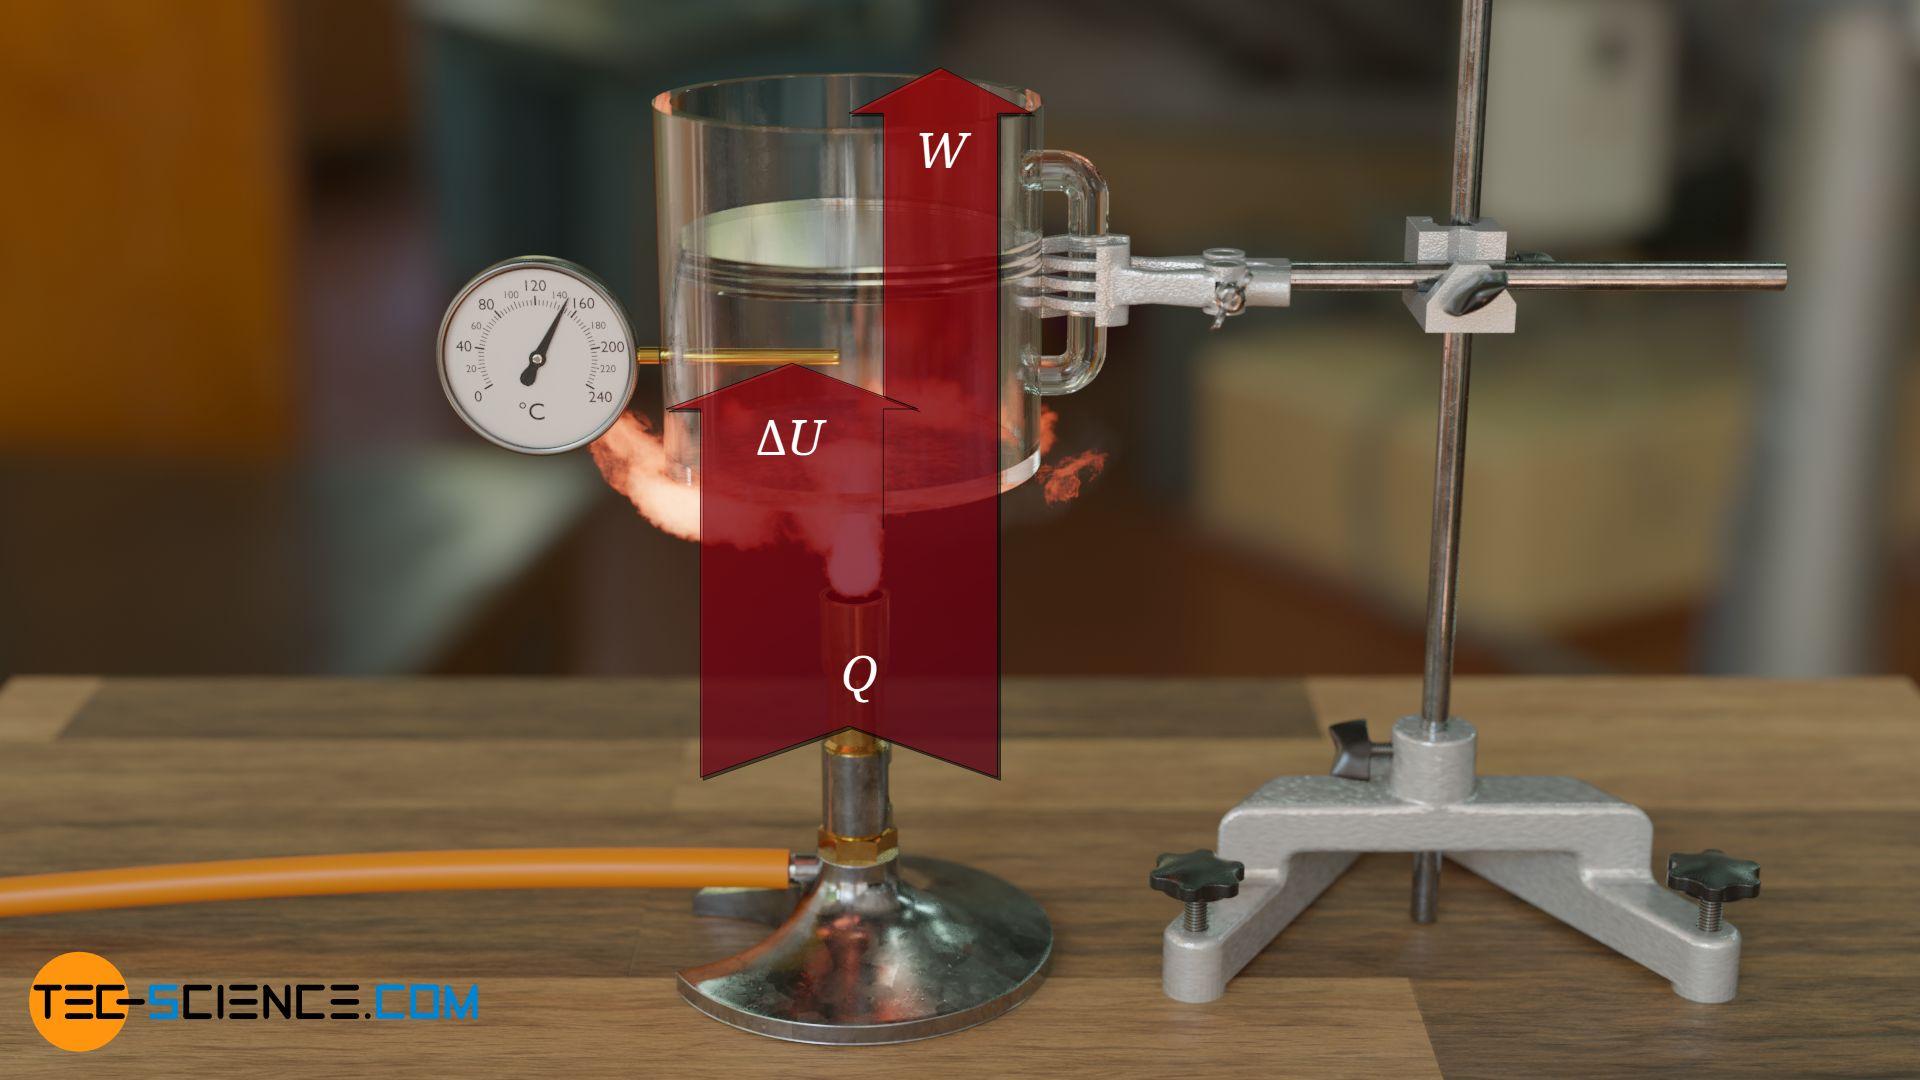 Energieflussdiagramm eines isobaren Prozesses